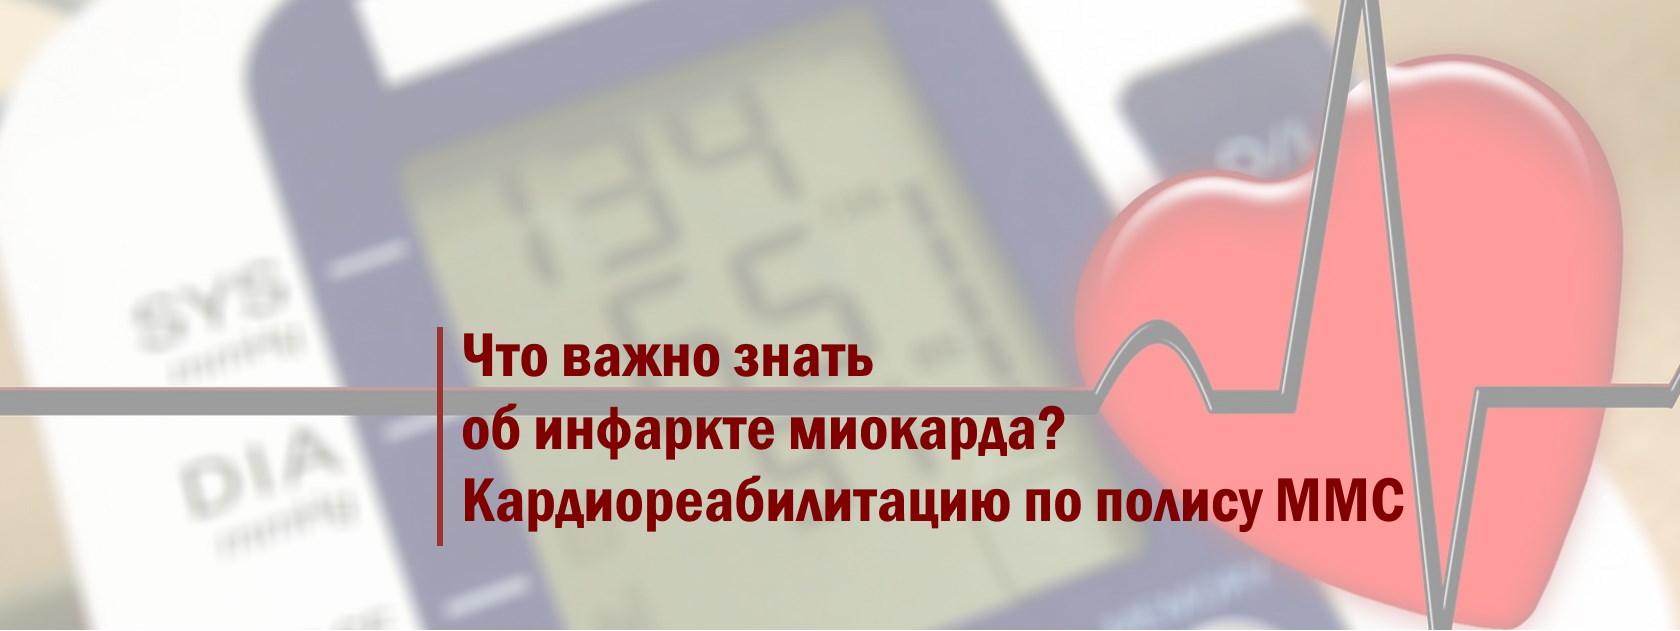 Реабилитация после инфаркта миокарда по полису ММС